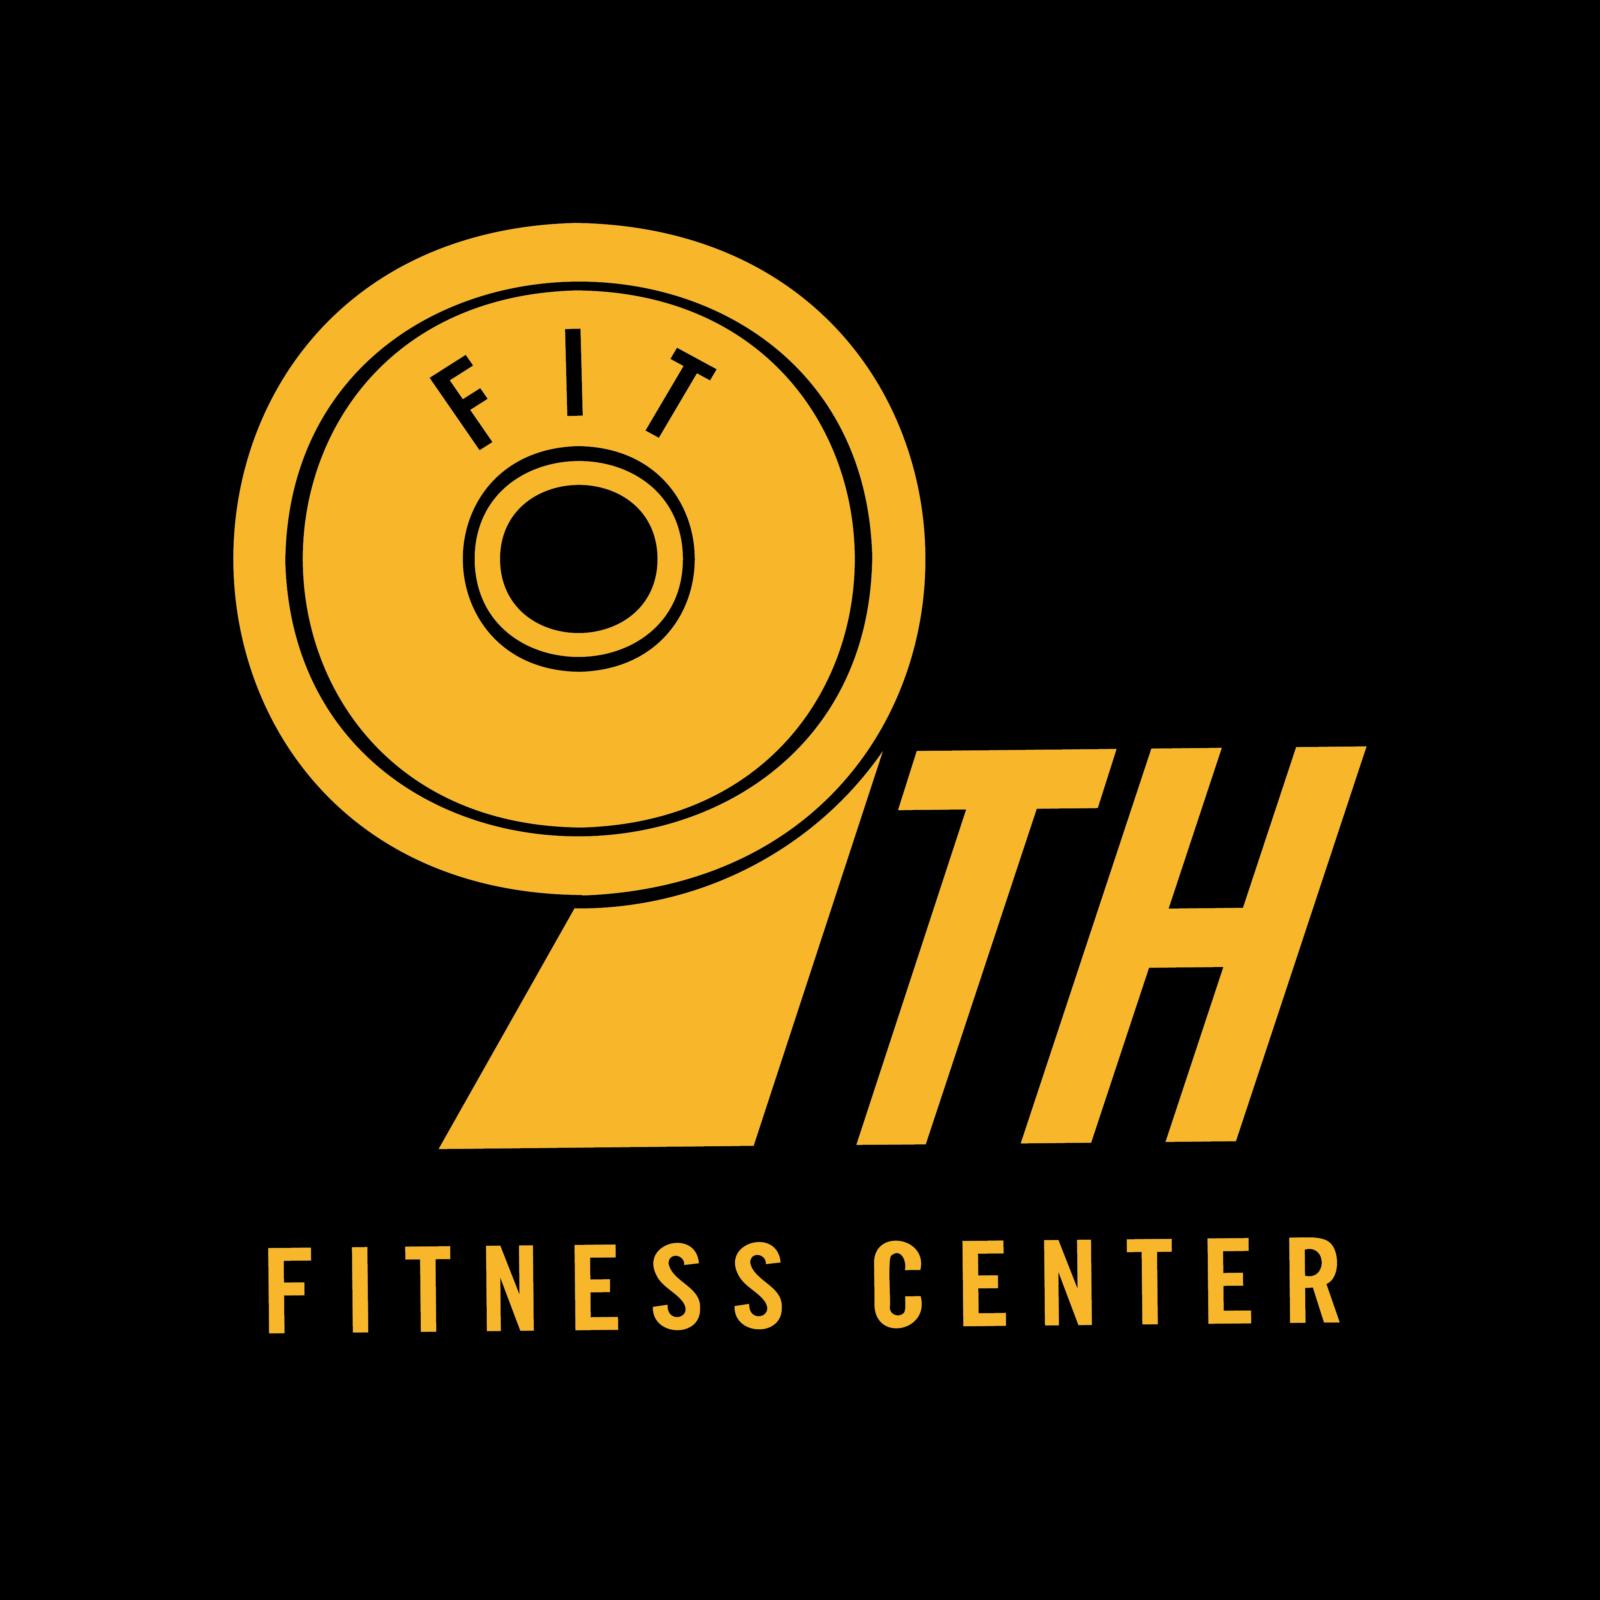 八加一健身中心9th Fit